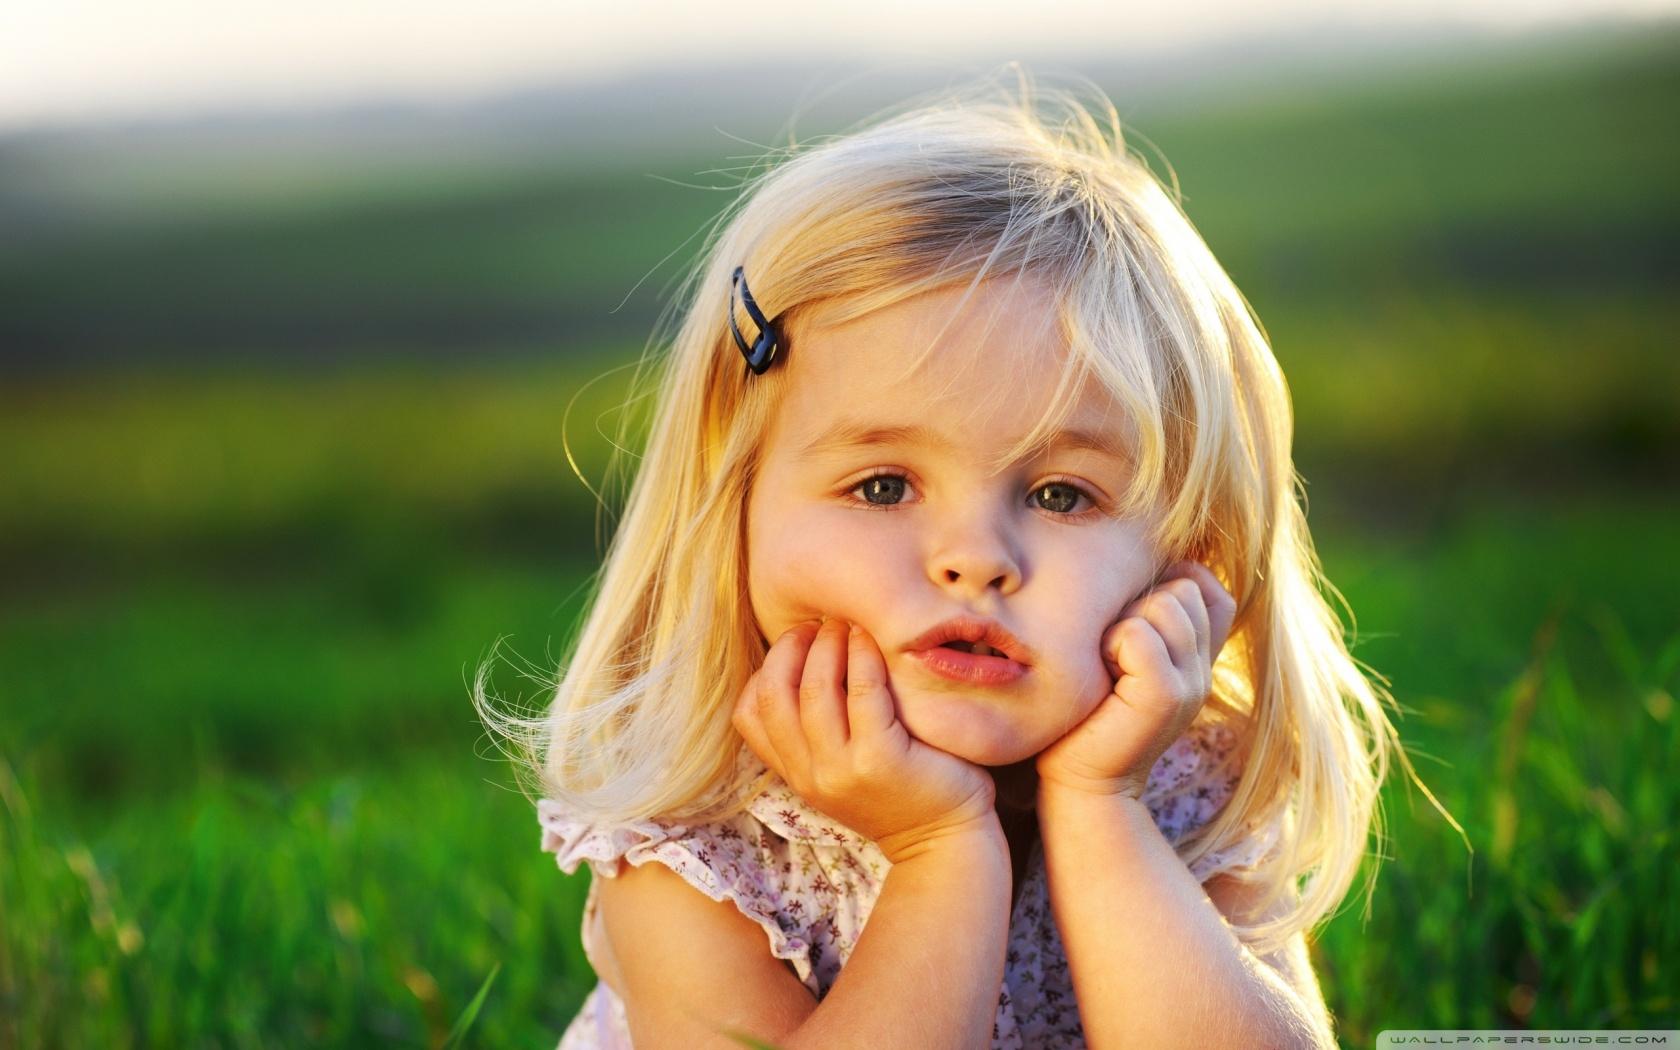 Cute Baby Girl HD desktop wallpaper : High Definition : Fullscreen